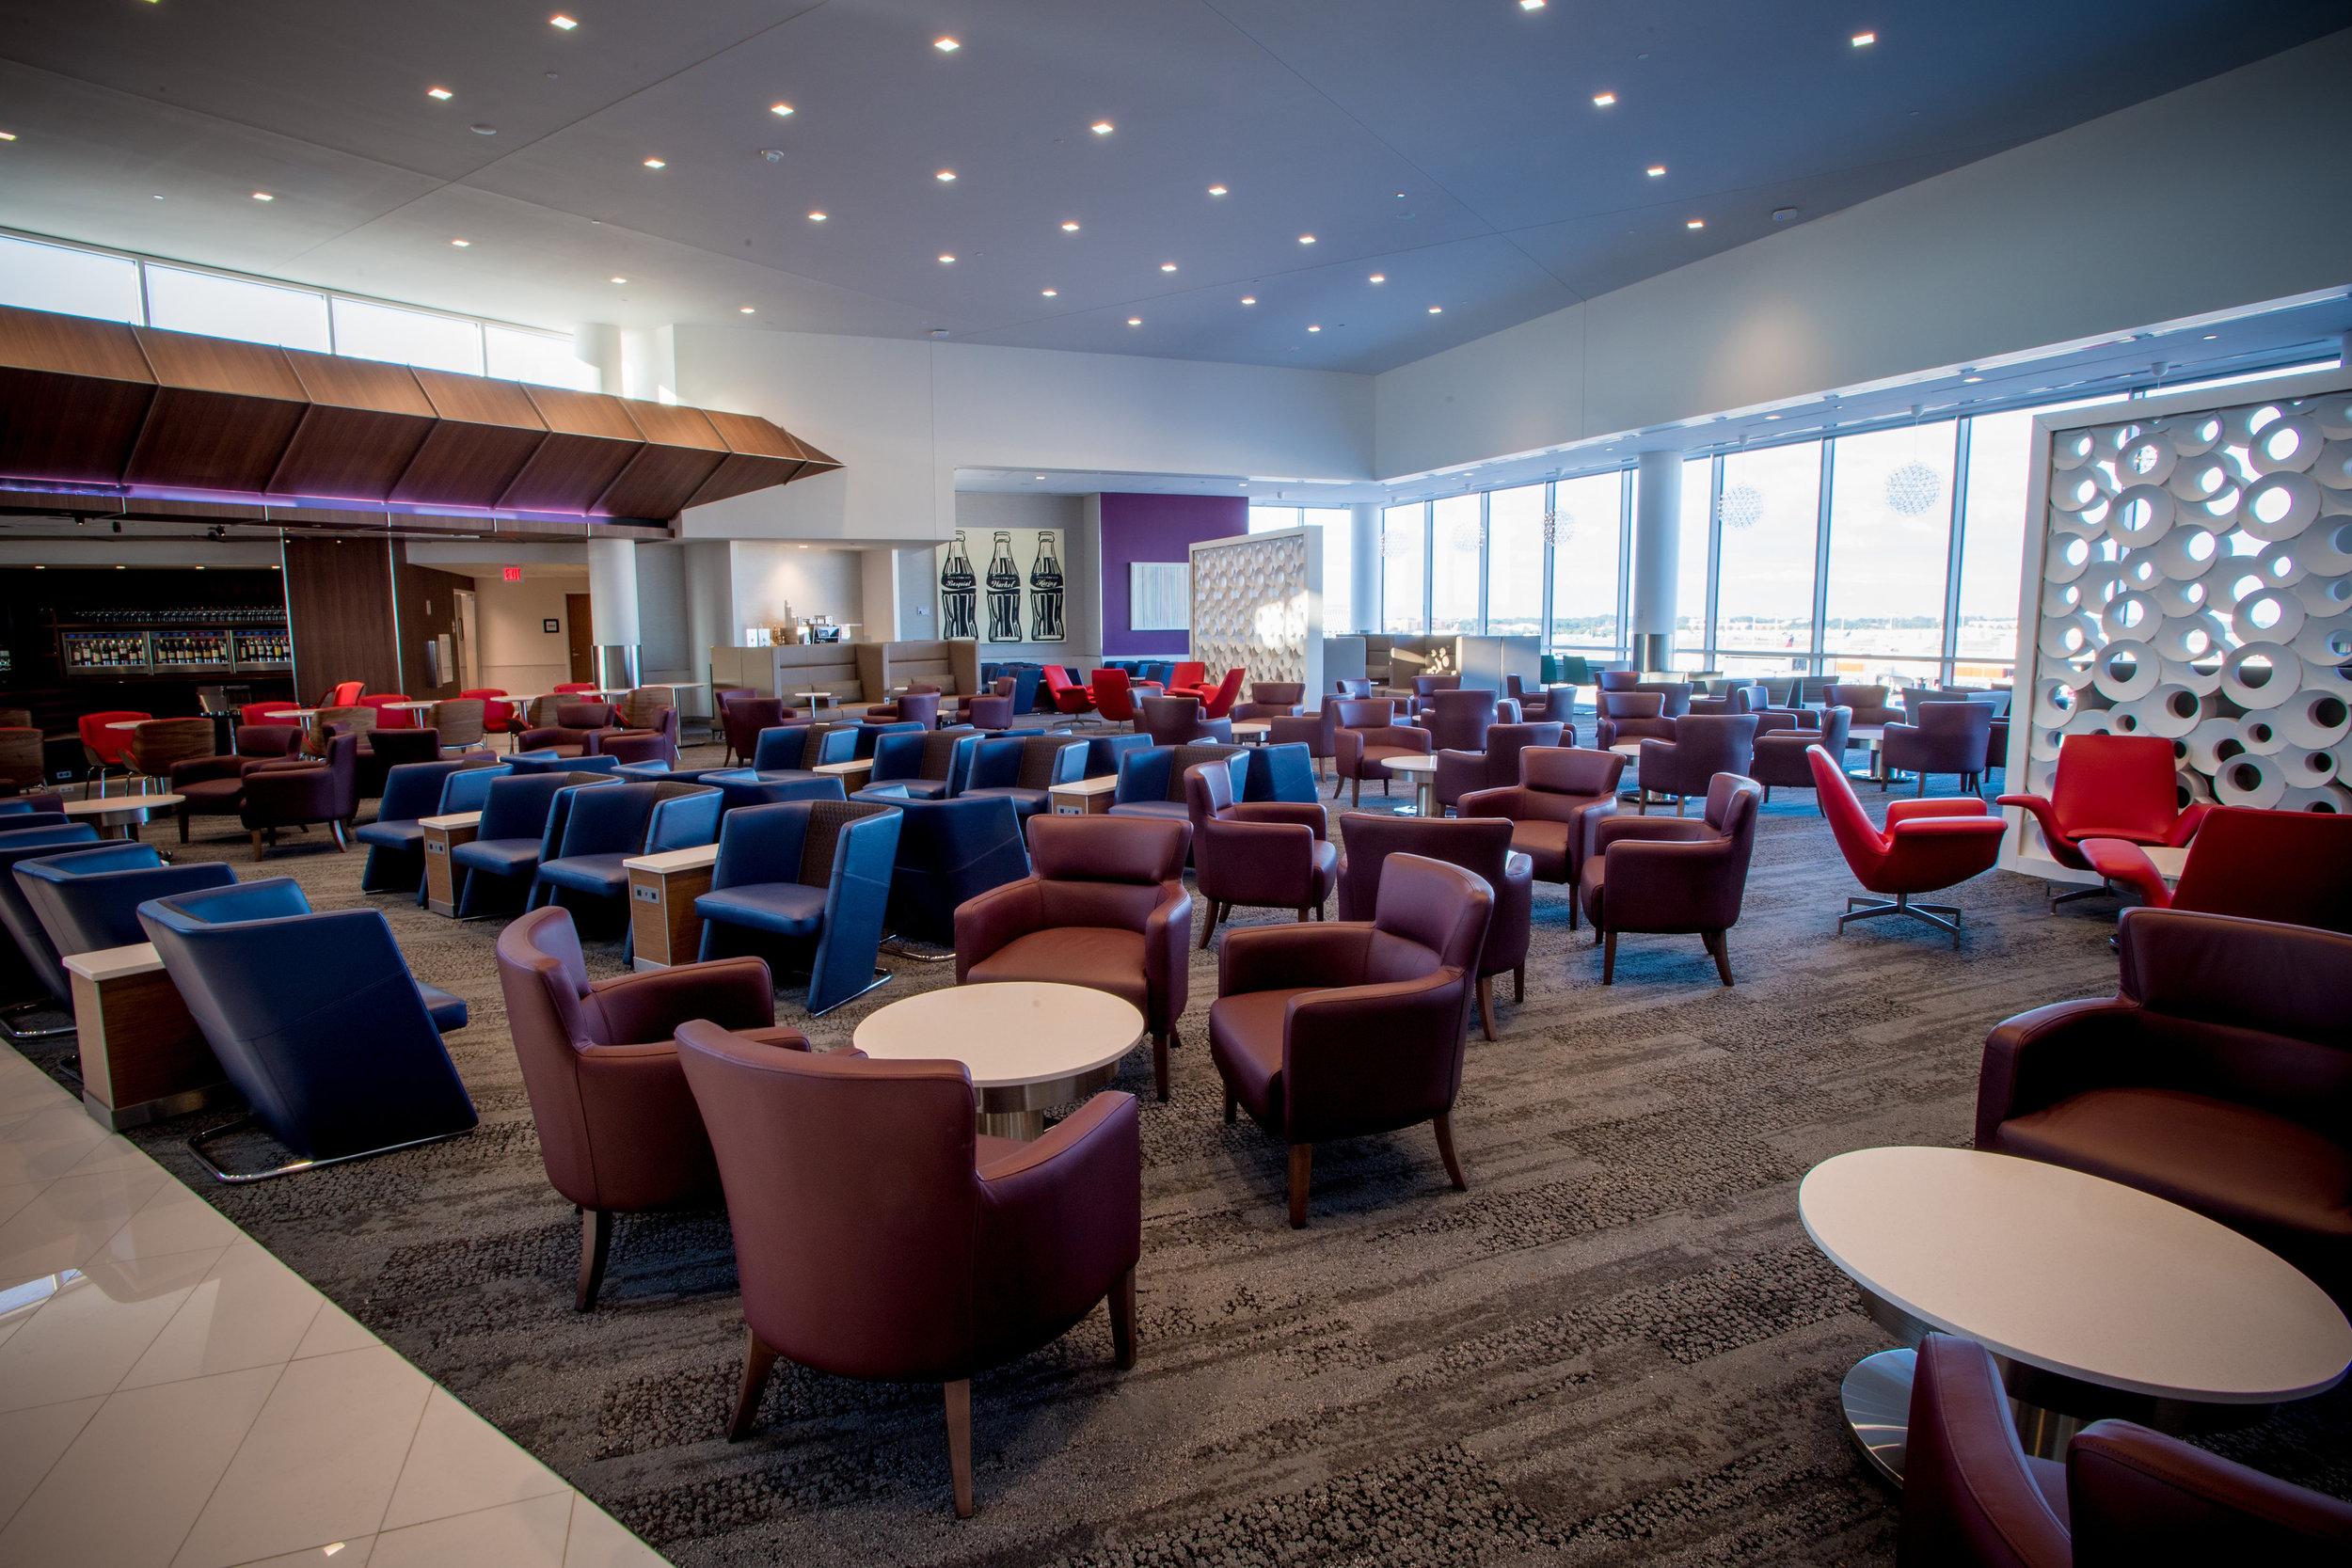 Delta Sky Club Atlanta (Concourse B)